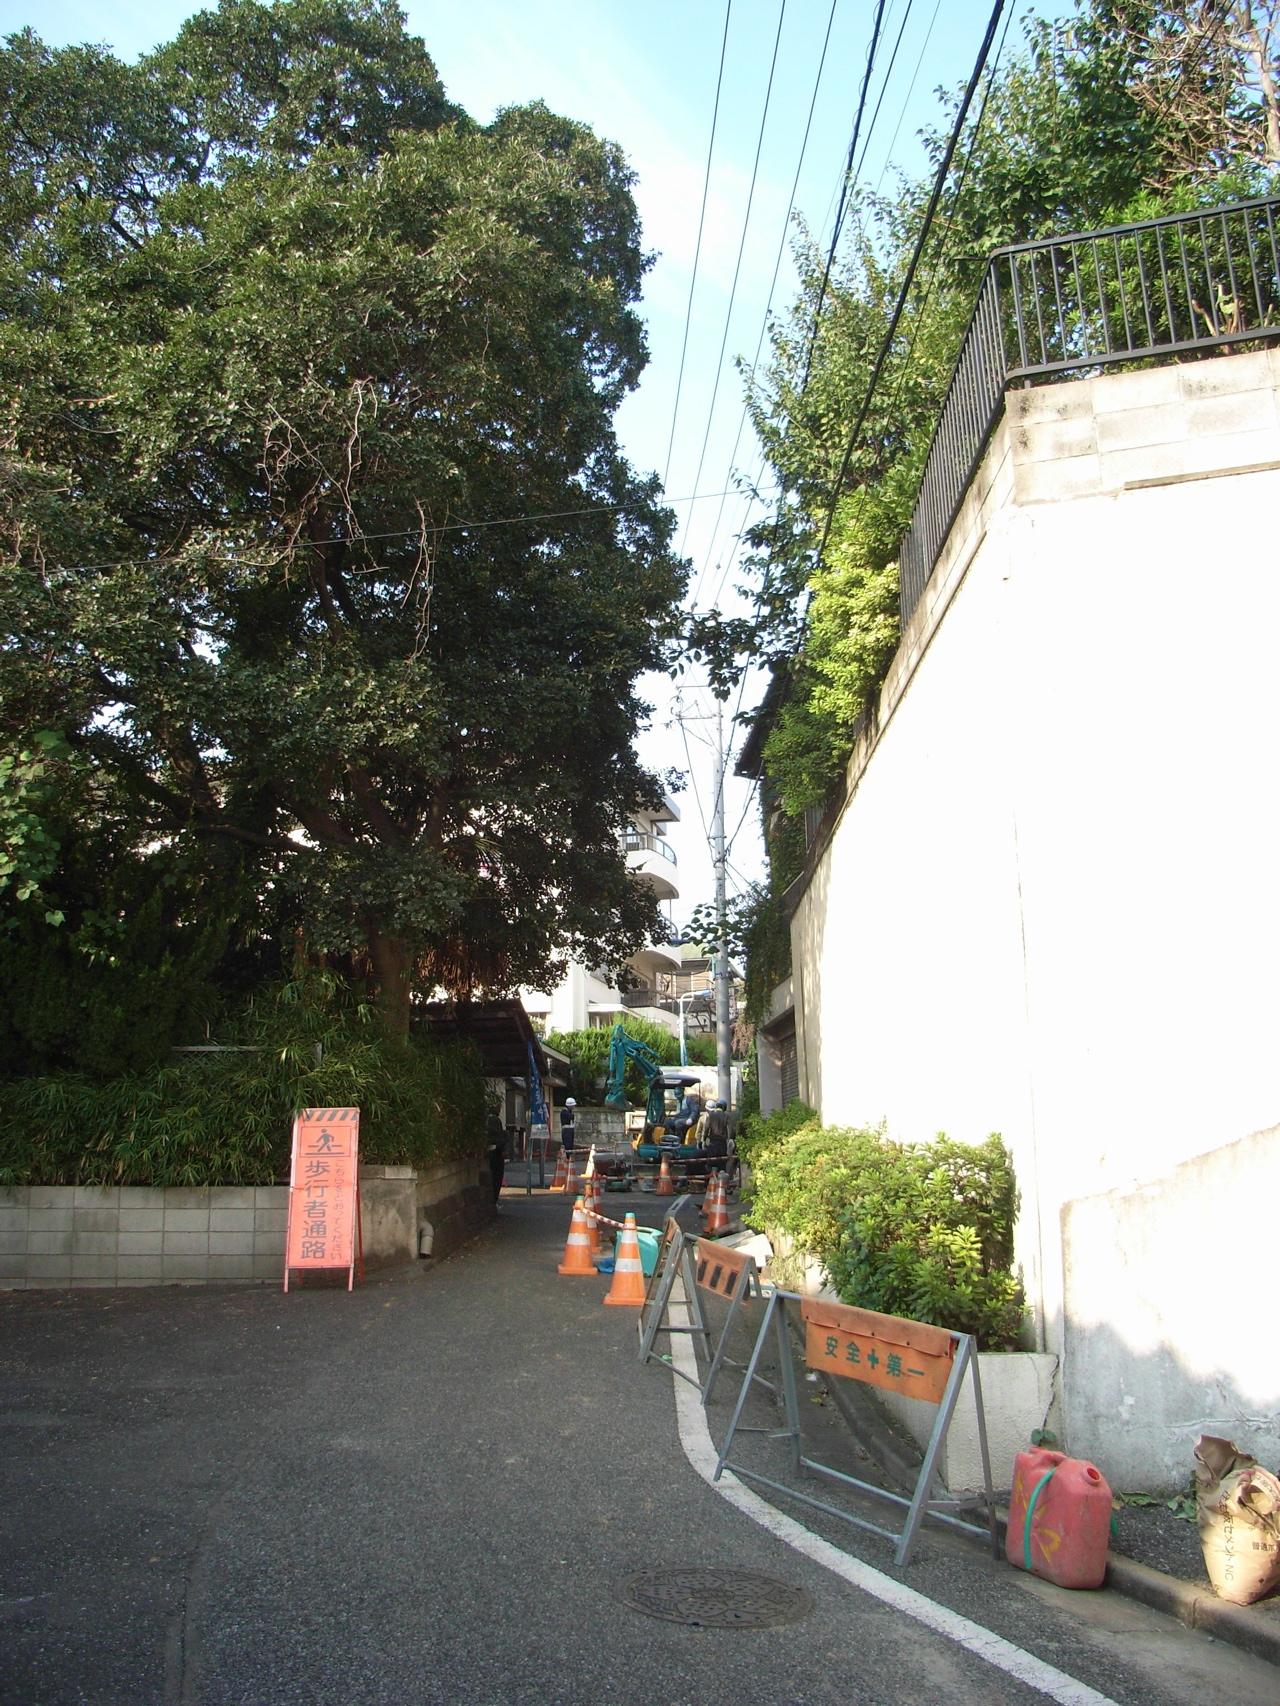 薬罐坂 そのお寺の周りをぐるっと回って反対に下りる坂が薬罐坂(022)。ここは道...  小日向